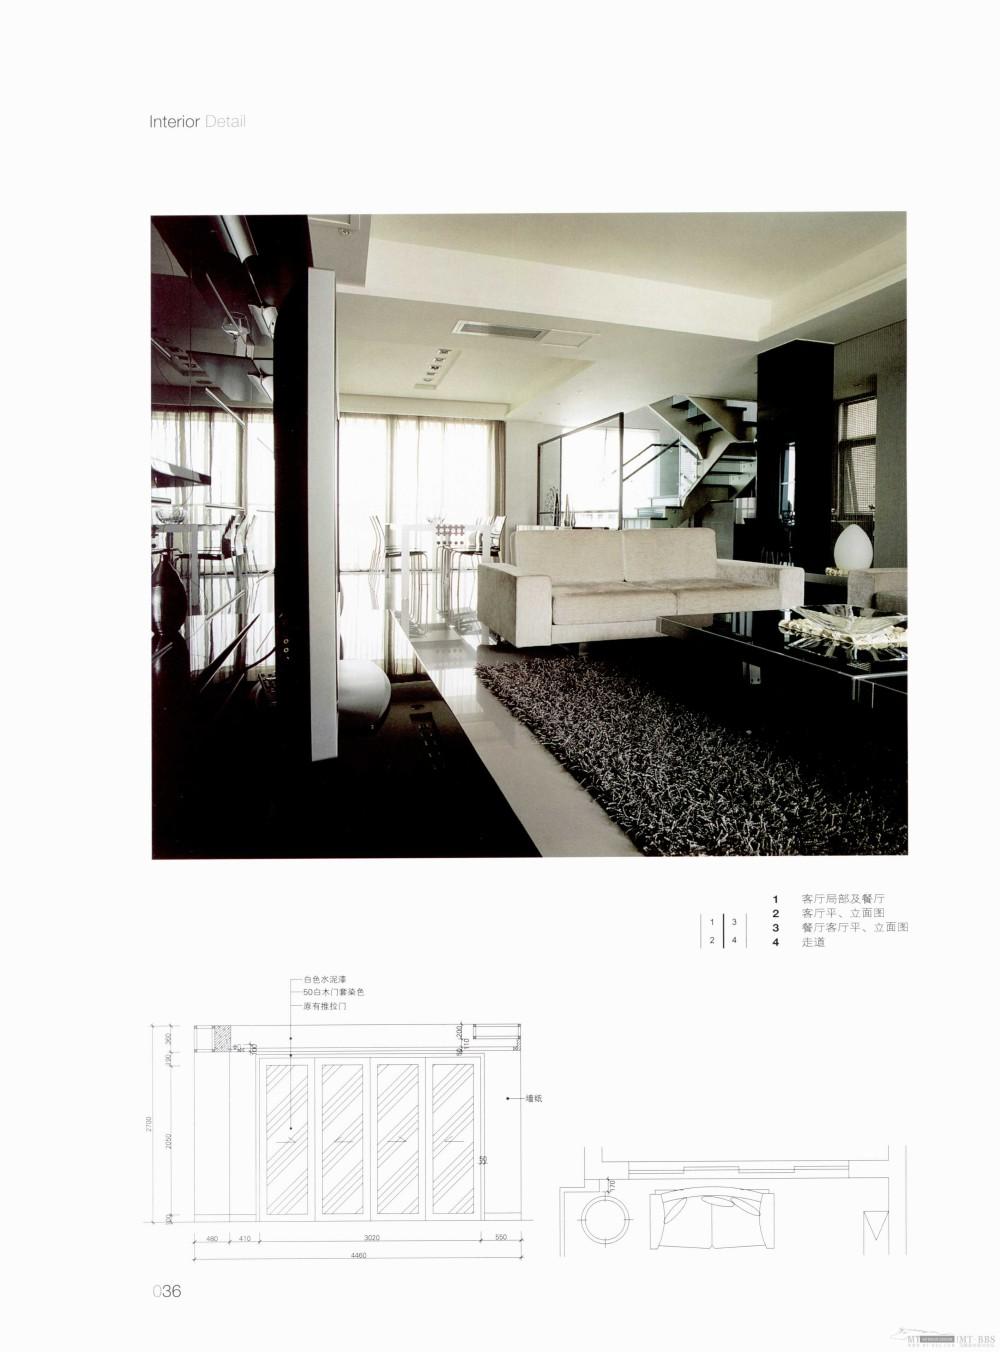 17本家装图册,已传完。_4 细部-个性家居_页面_031.jpg